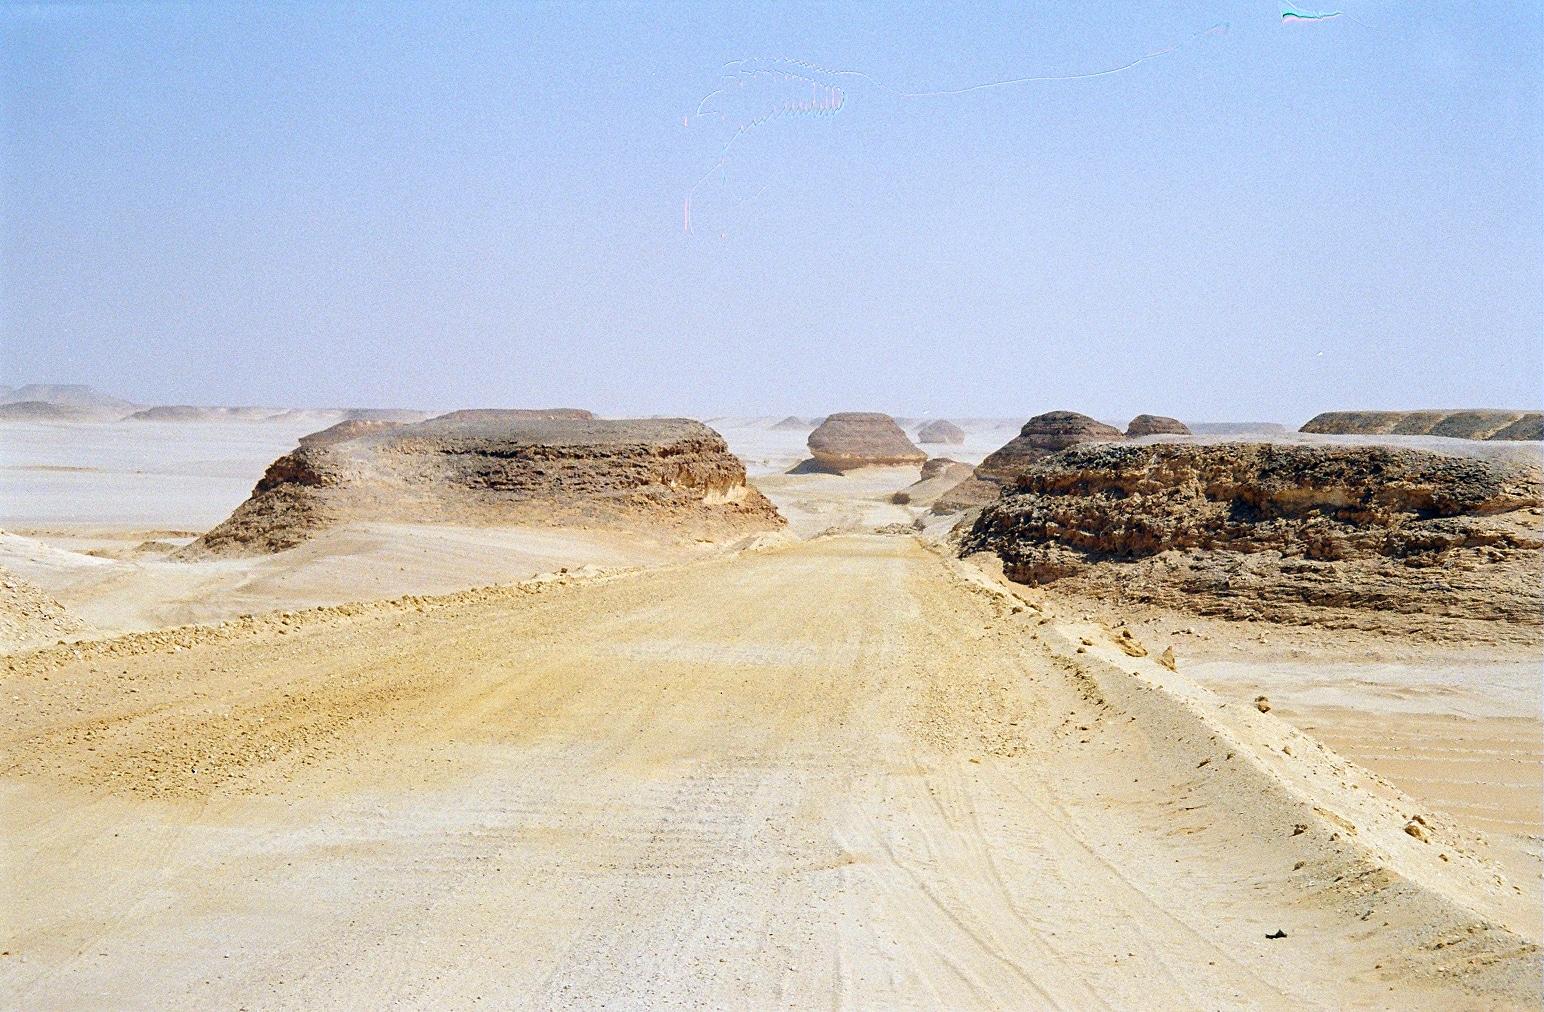 Les déserts et les oasis ÉgyptiensI Tina Drepanioti 2008